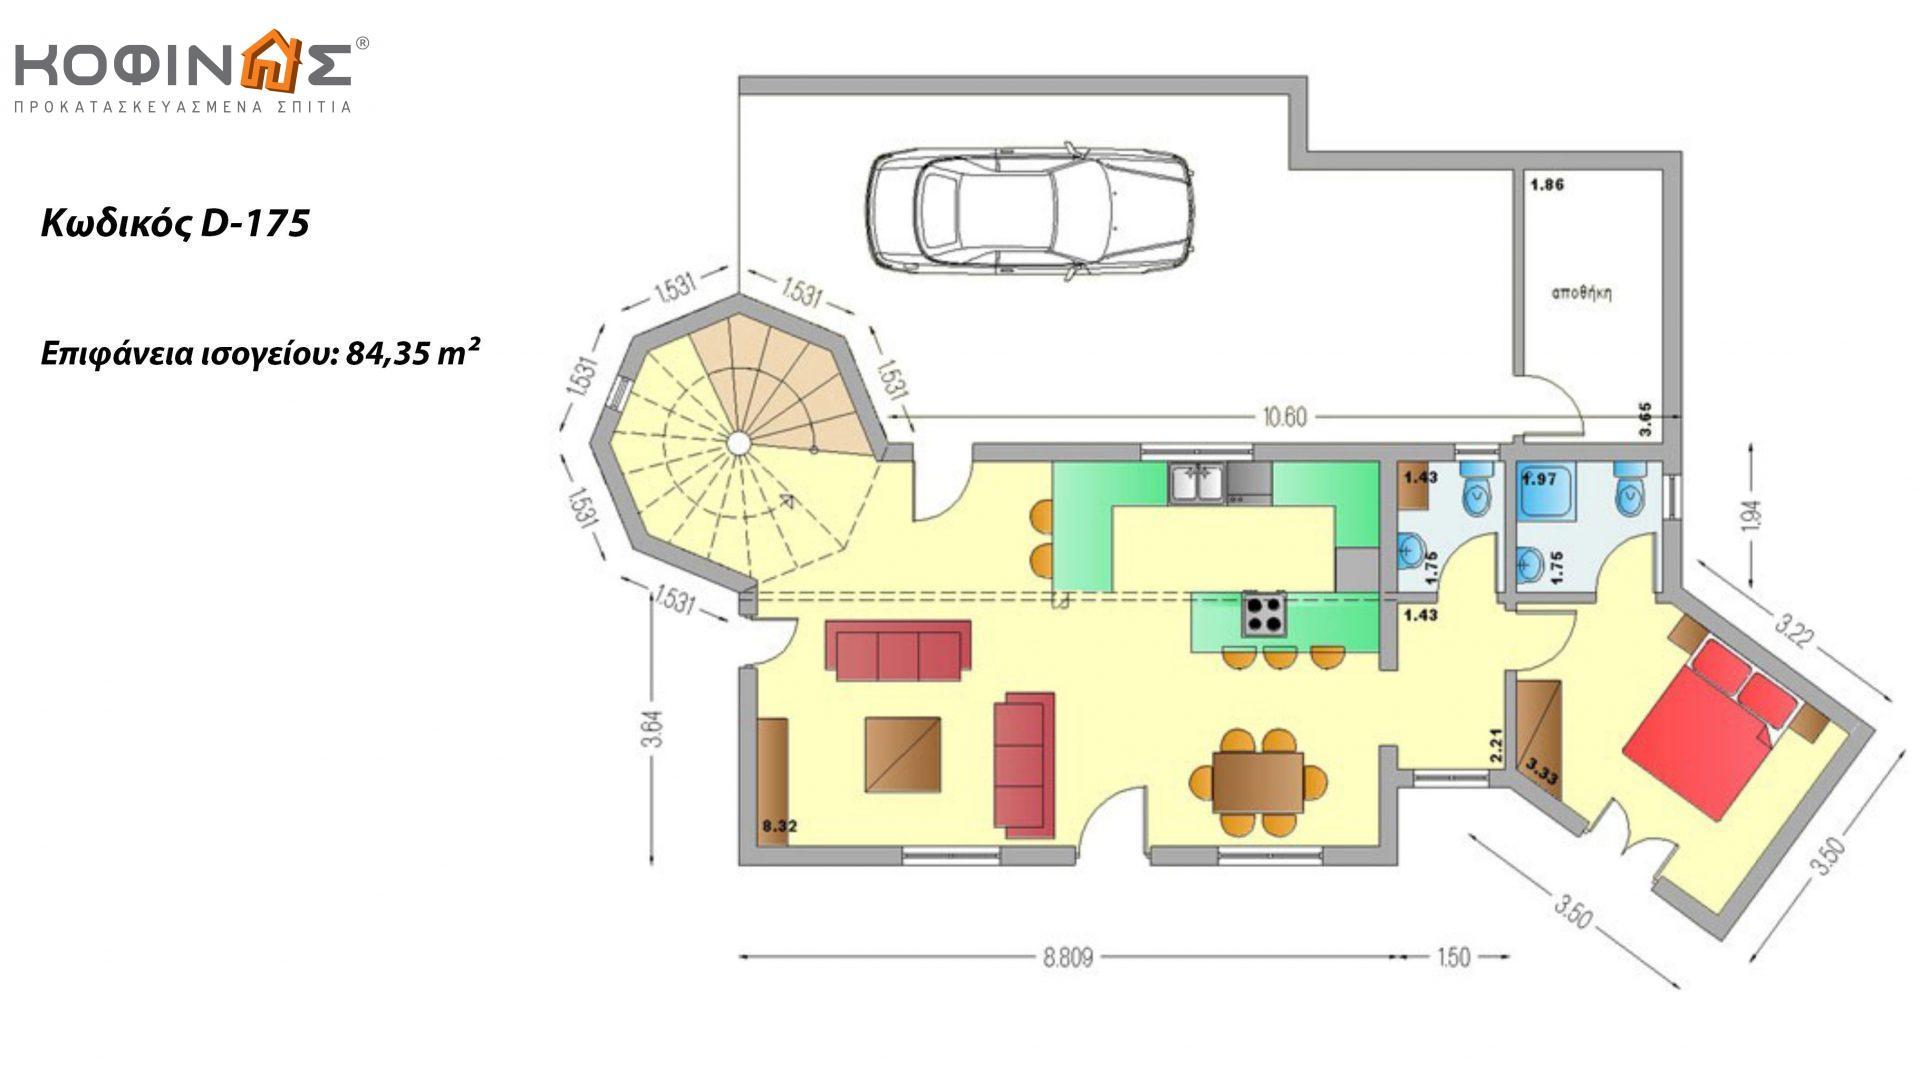 Διώροφη Κατοικία D-175,συνολικής επιφάνειας 175 τ.μ., μπαλκόνια 43.15 τ.μ.